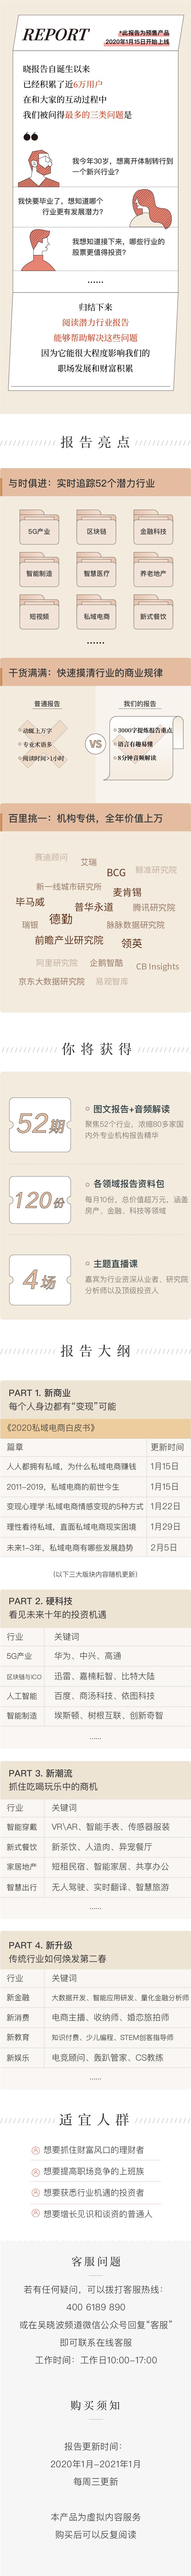 《吴晓波频道 2020潜力行业每周报告》百度网盘免费下载